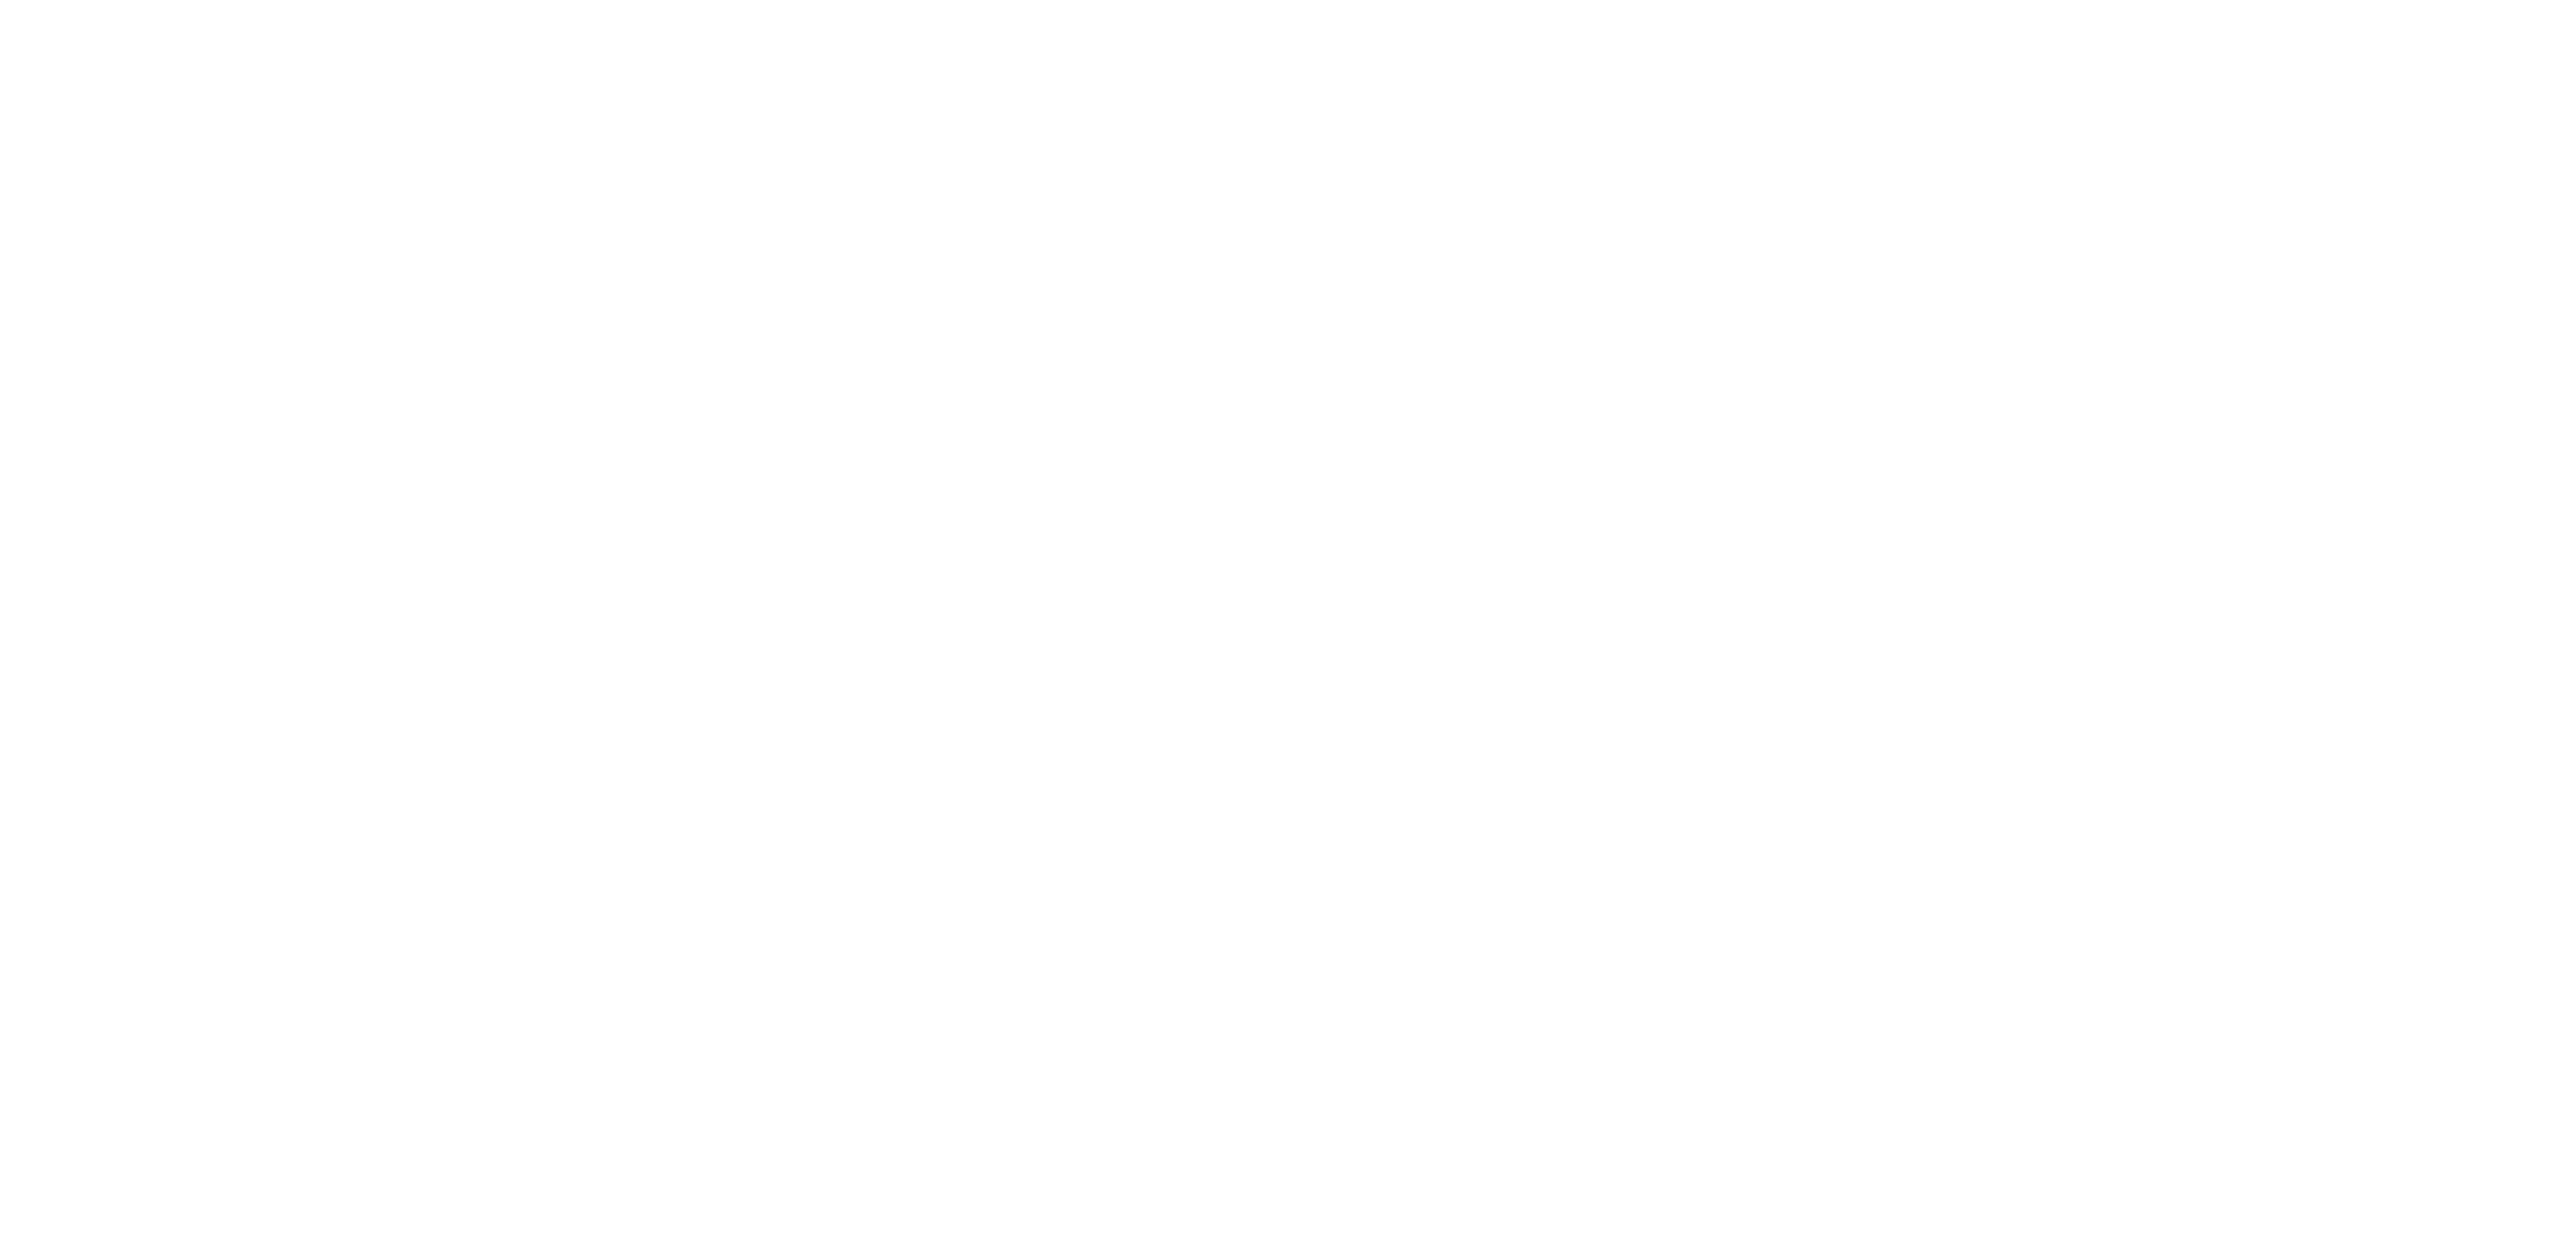 Flores de Alcachofa